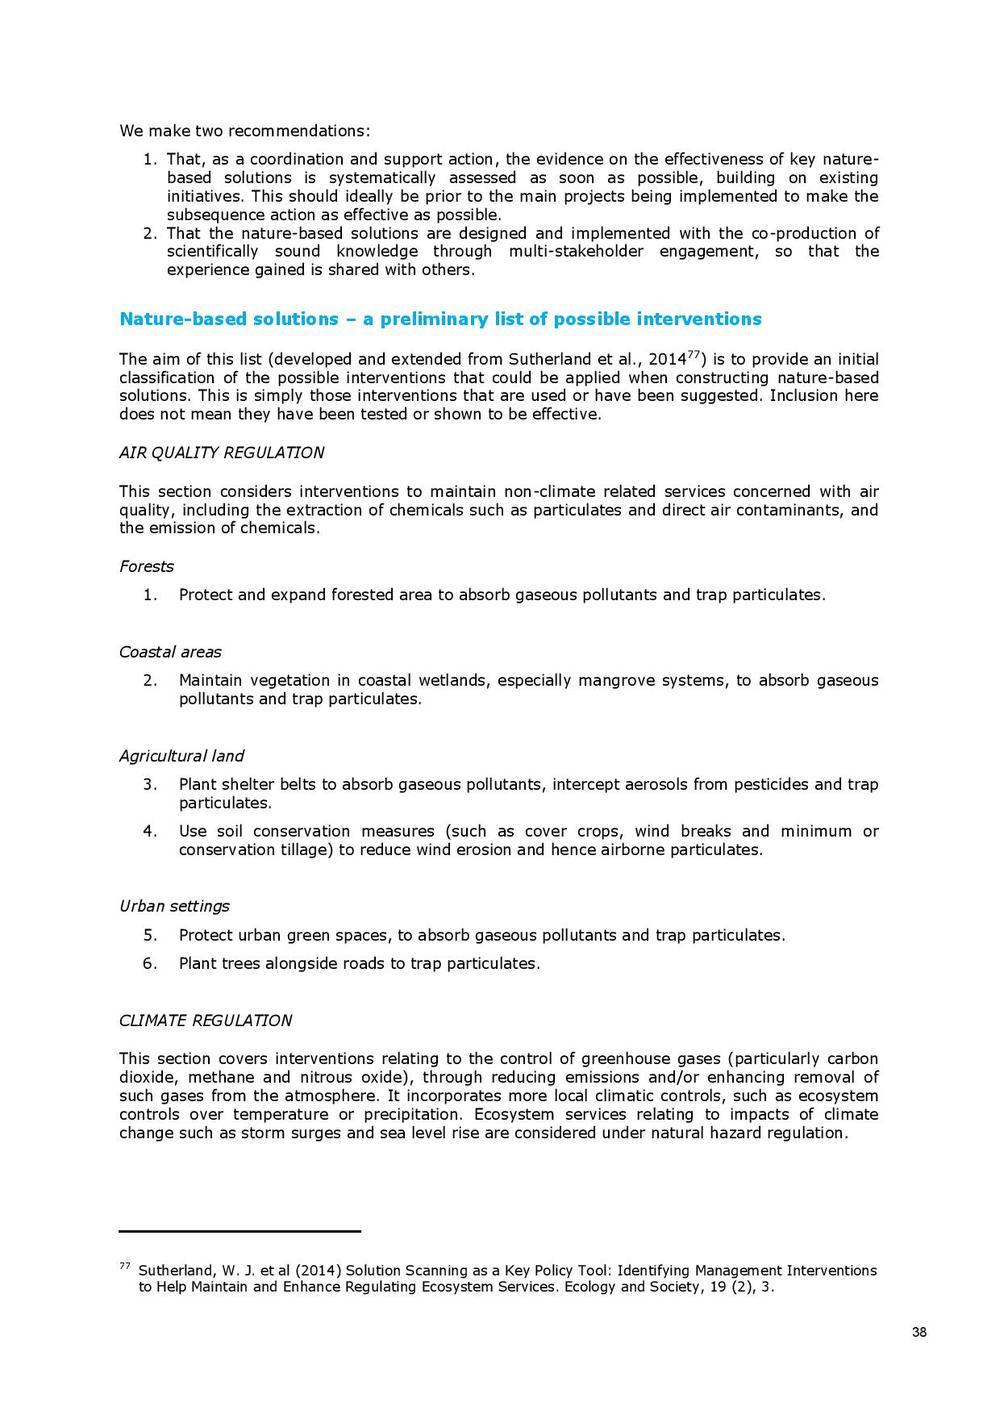 DG RTD_WEB-Publication A4_NBS_long_version_20150310-page-040.jpg